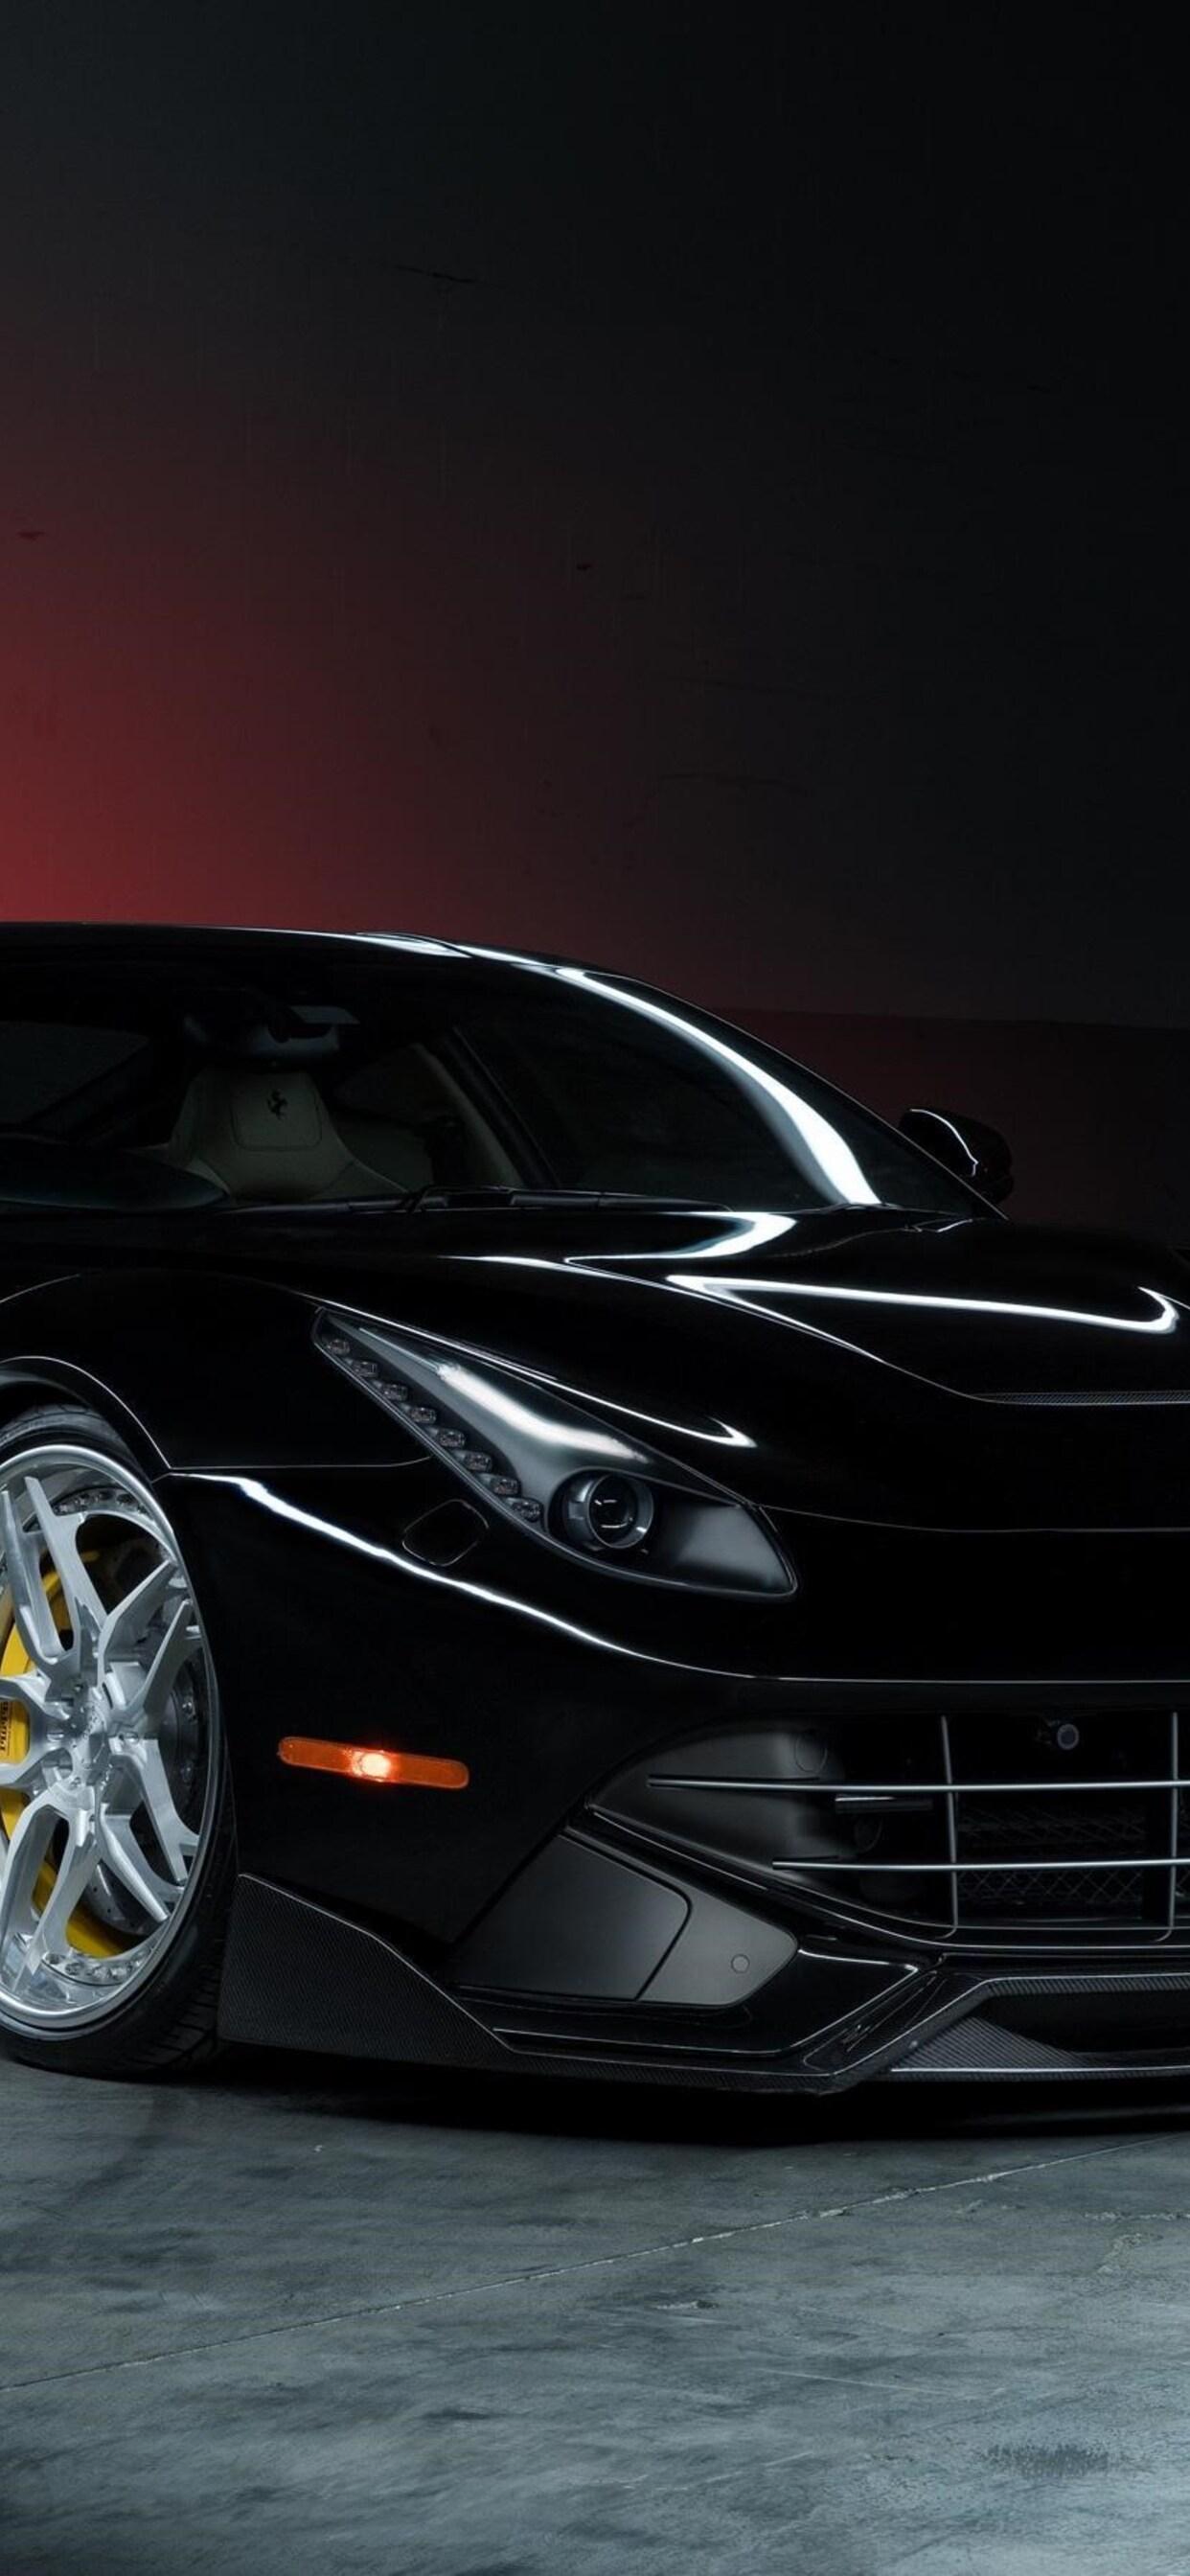 1242x2688 Ferrari F12 Berlinetta Iphone Xs Max Hd 4k Wallpapers